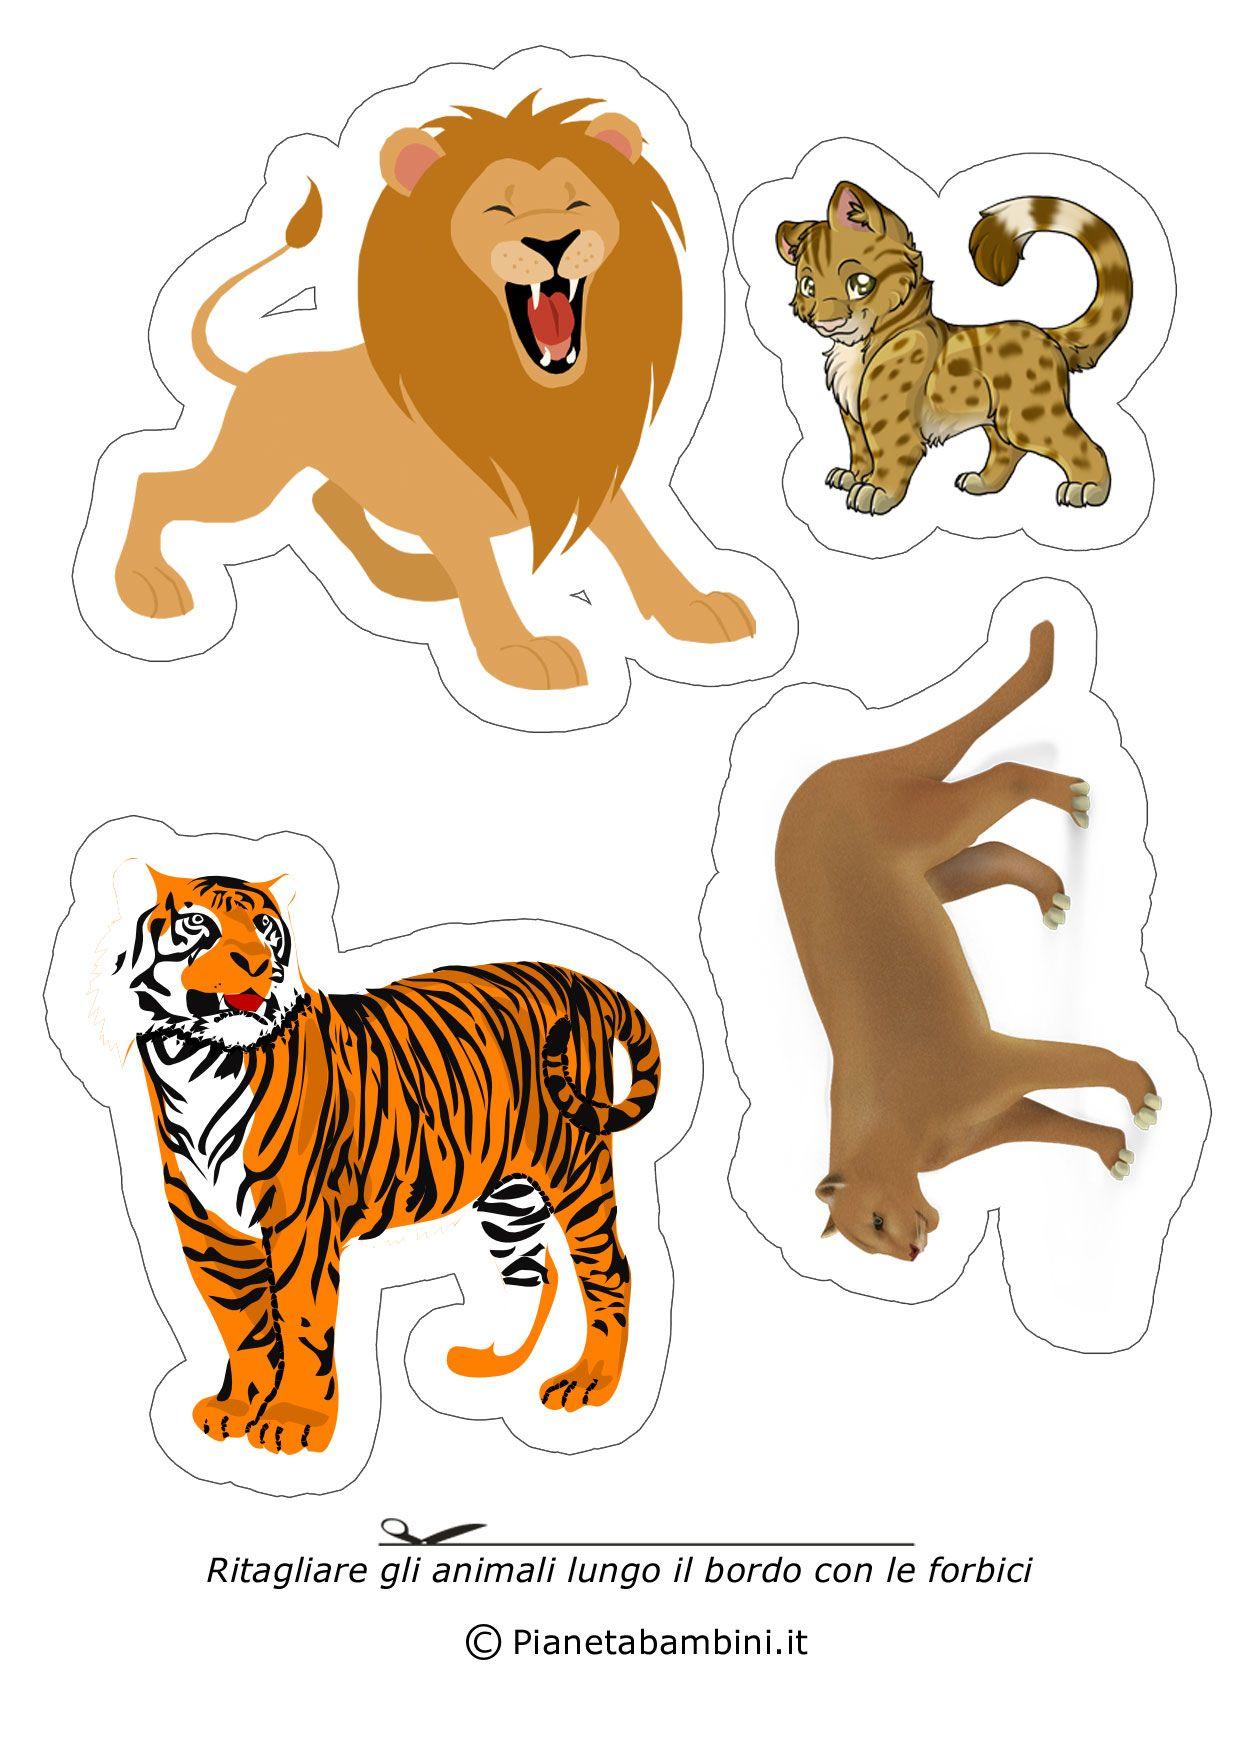 Disegni Di Animali Da Ritagliare E Incollare Per Bambini Disegnare Animali Animali Disegni